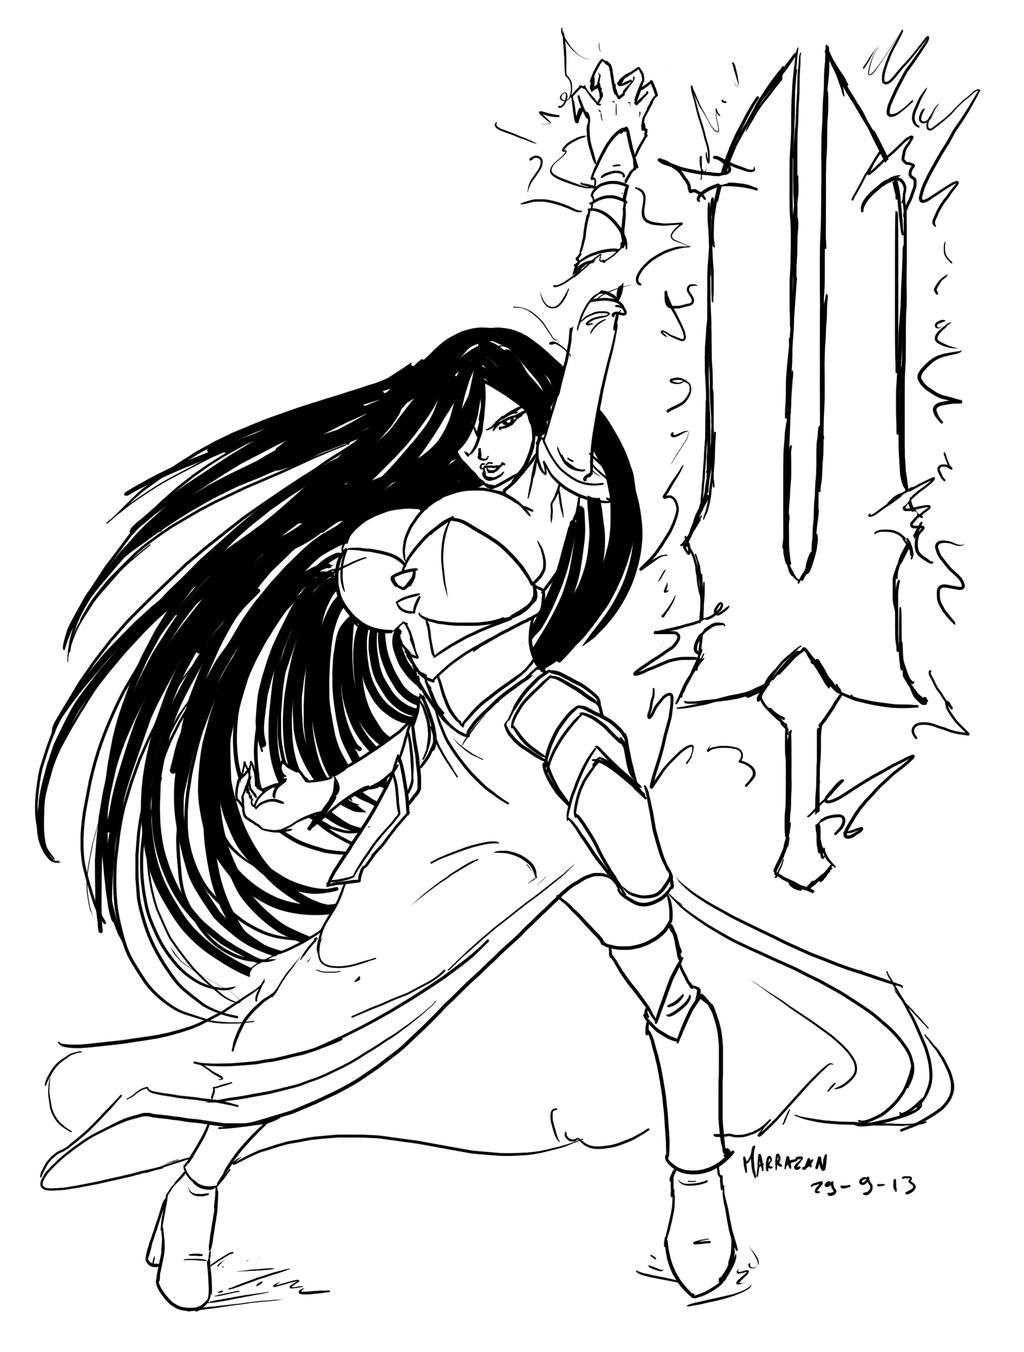 Lucretia cosplaying Shanoa by Marrazan